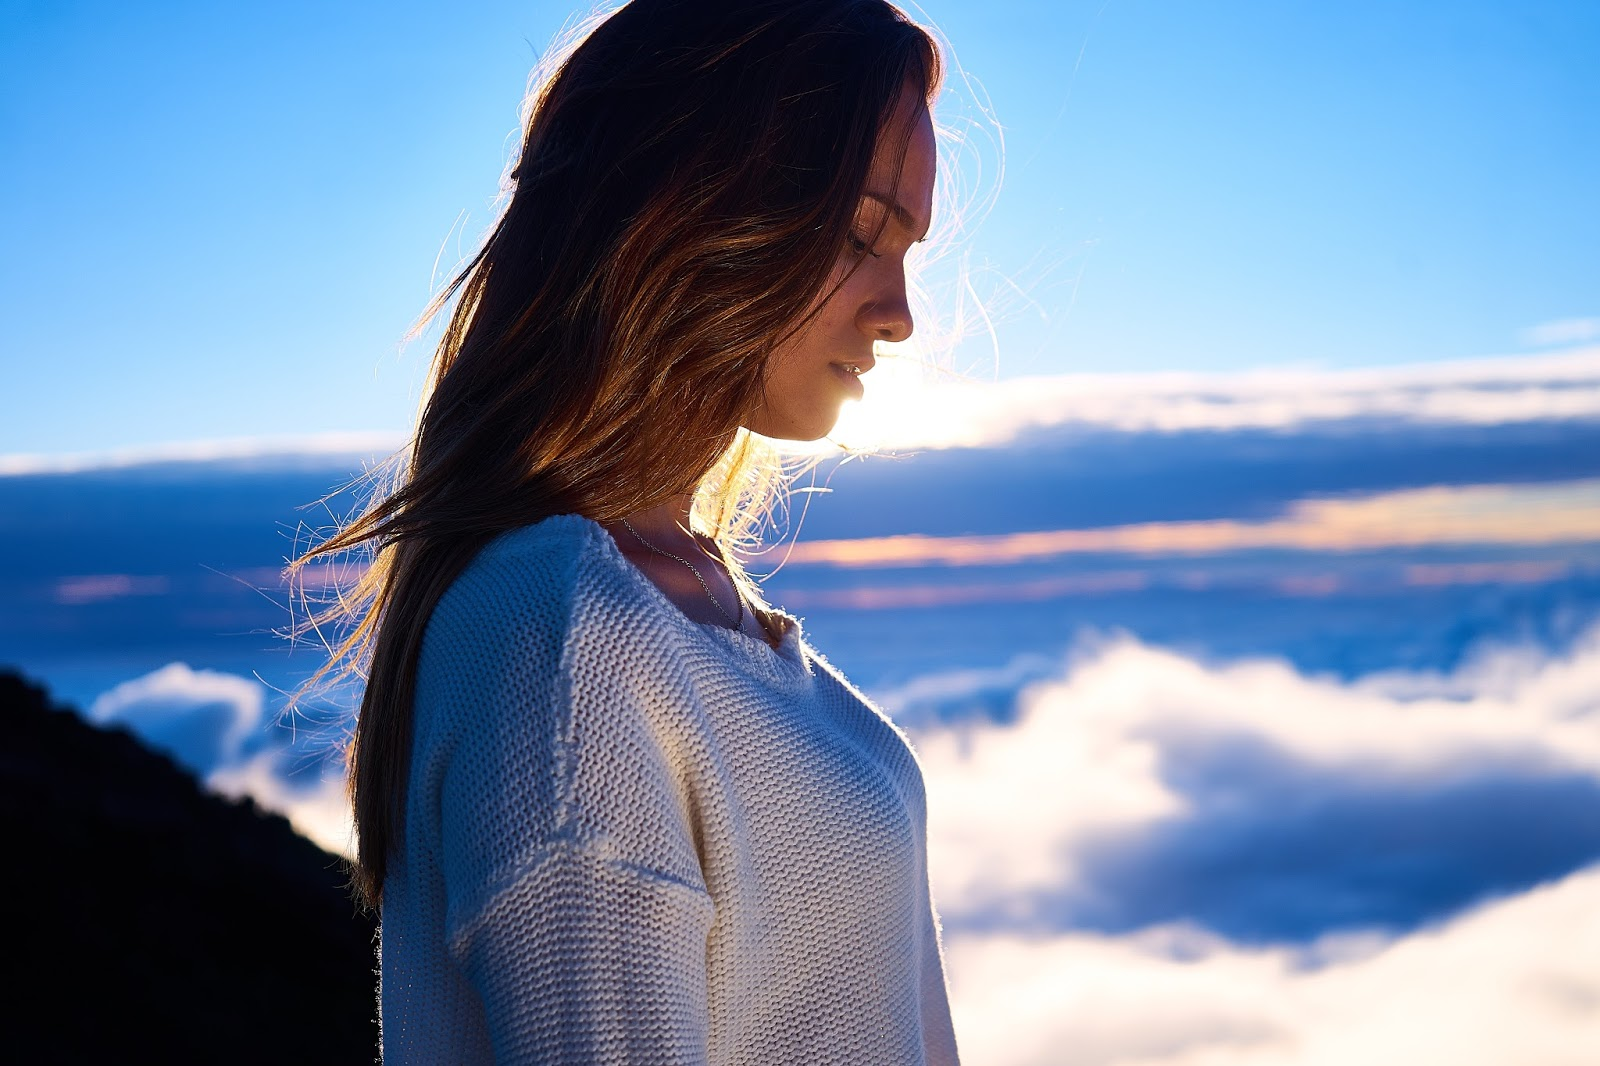 O que Deus quer de você? , Deus te chamou para servir, mulher olhando para o horizonte, Blog Dança Cristã, Por Milene Oliveira